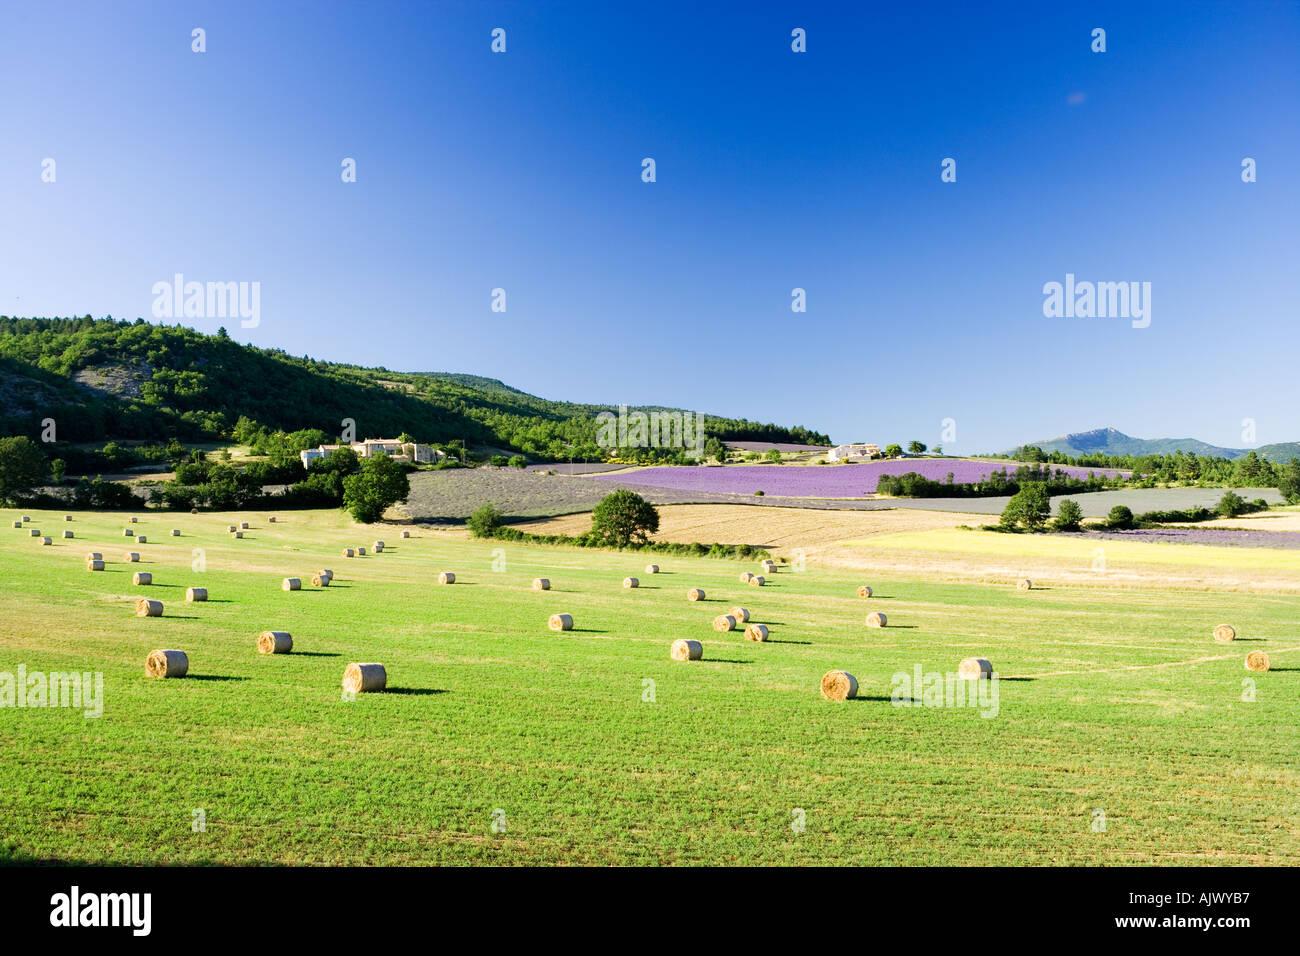 Francia Provenza Vaucluse regione rurale scena con campi di lavanda Immagini Stock